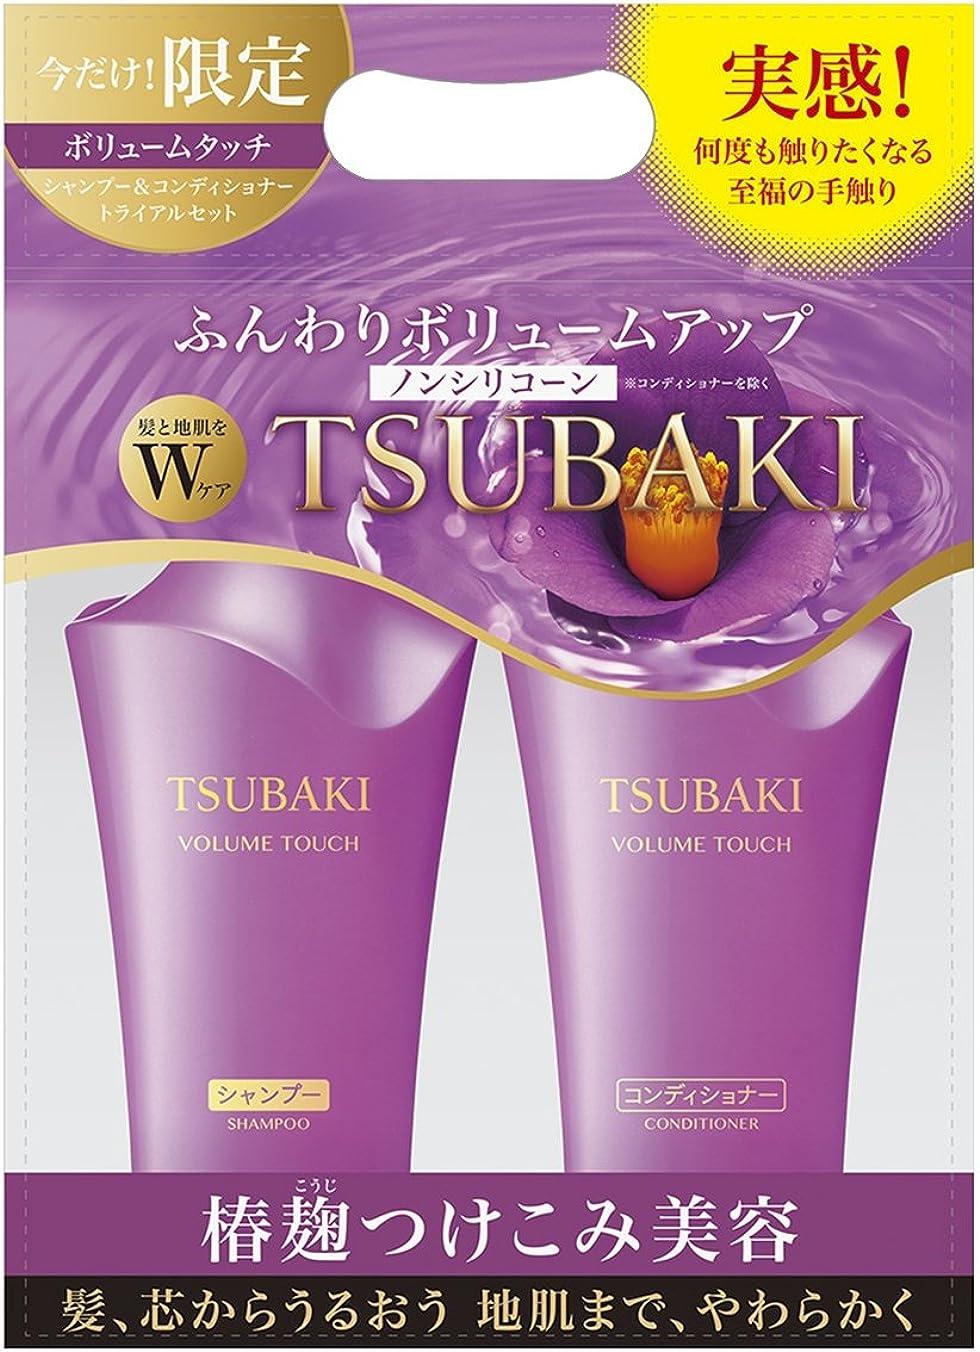 リム関連する服TSUBAKI ボリュームタッチ シャンプー&コンディショナー ジャンボペアセット (500ml+500ml)